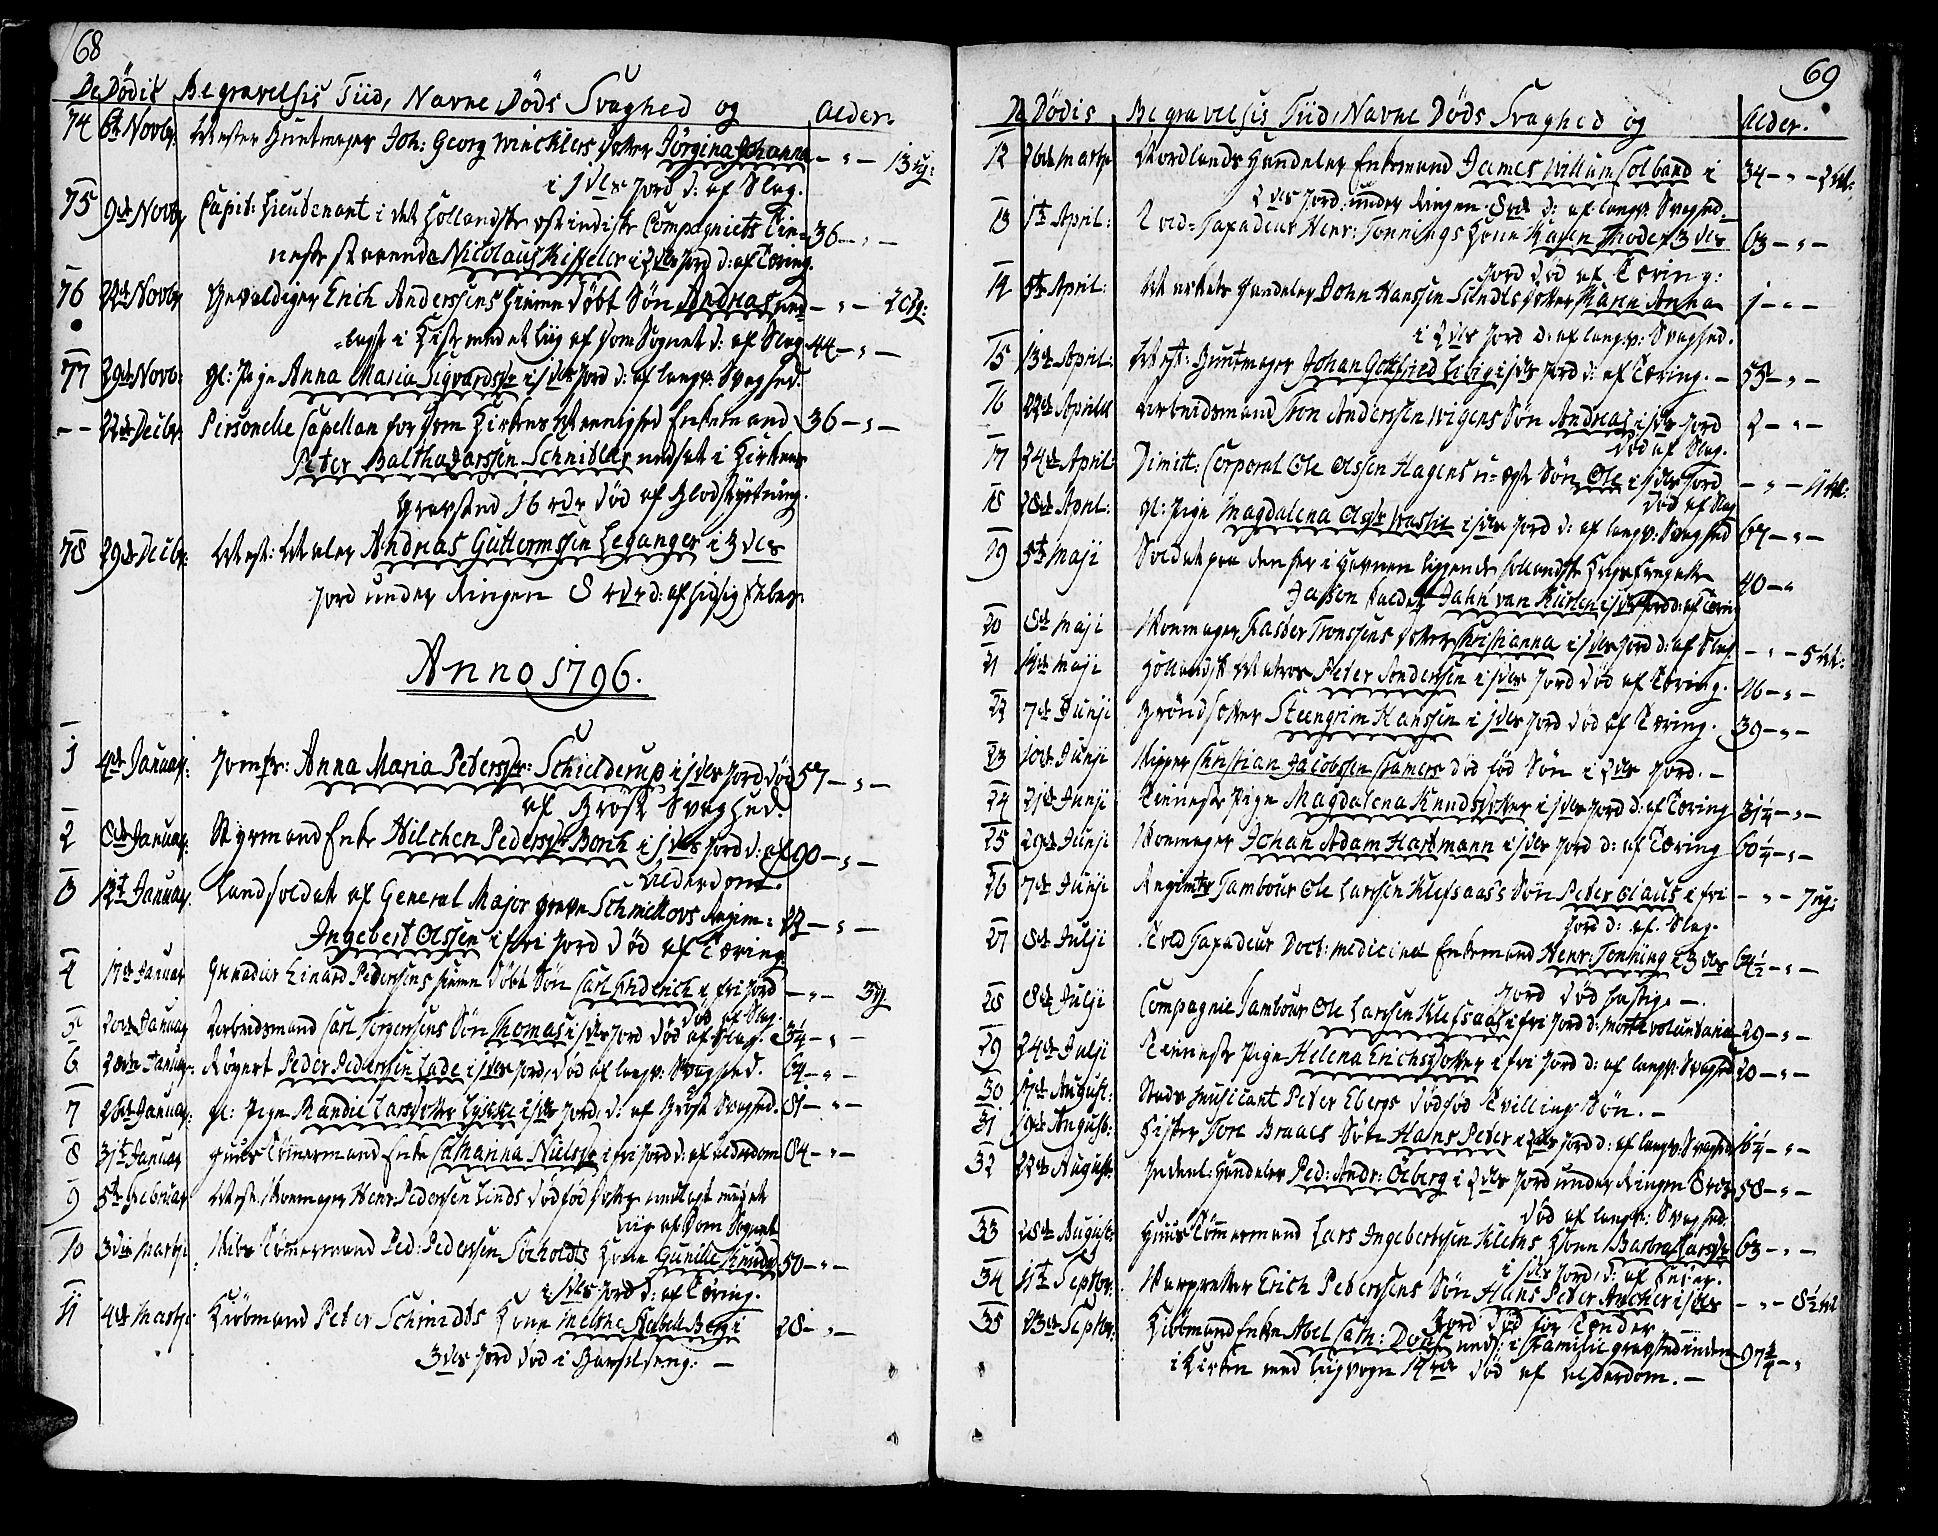 SAT, Ministerialprotokoller, klokkerbøker og fødselsregistre - Sør-Trøndelag, 602/L0106: Ministerialbok nr. 602A04, 1774-1814, s. 68-69